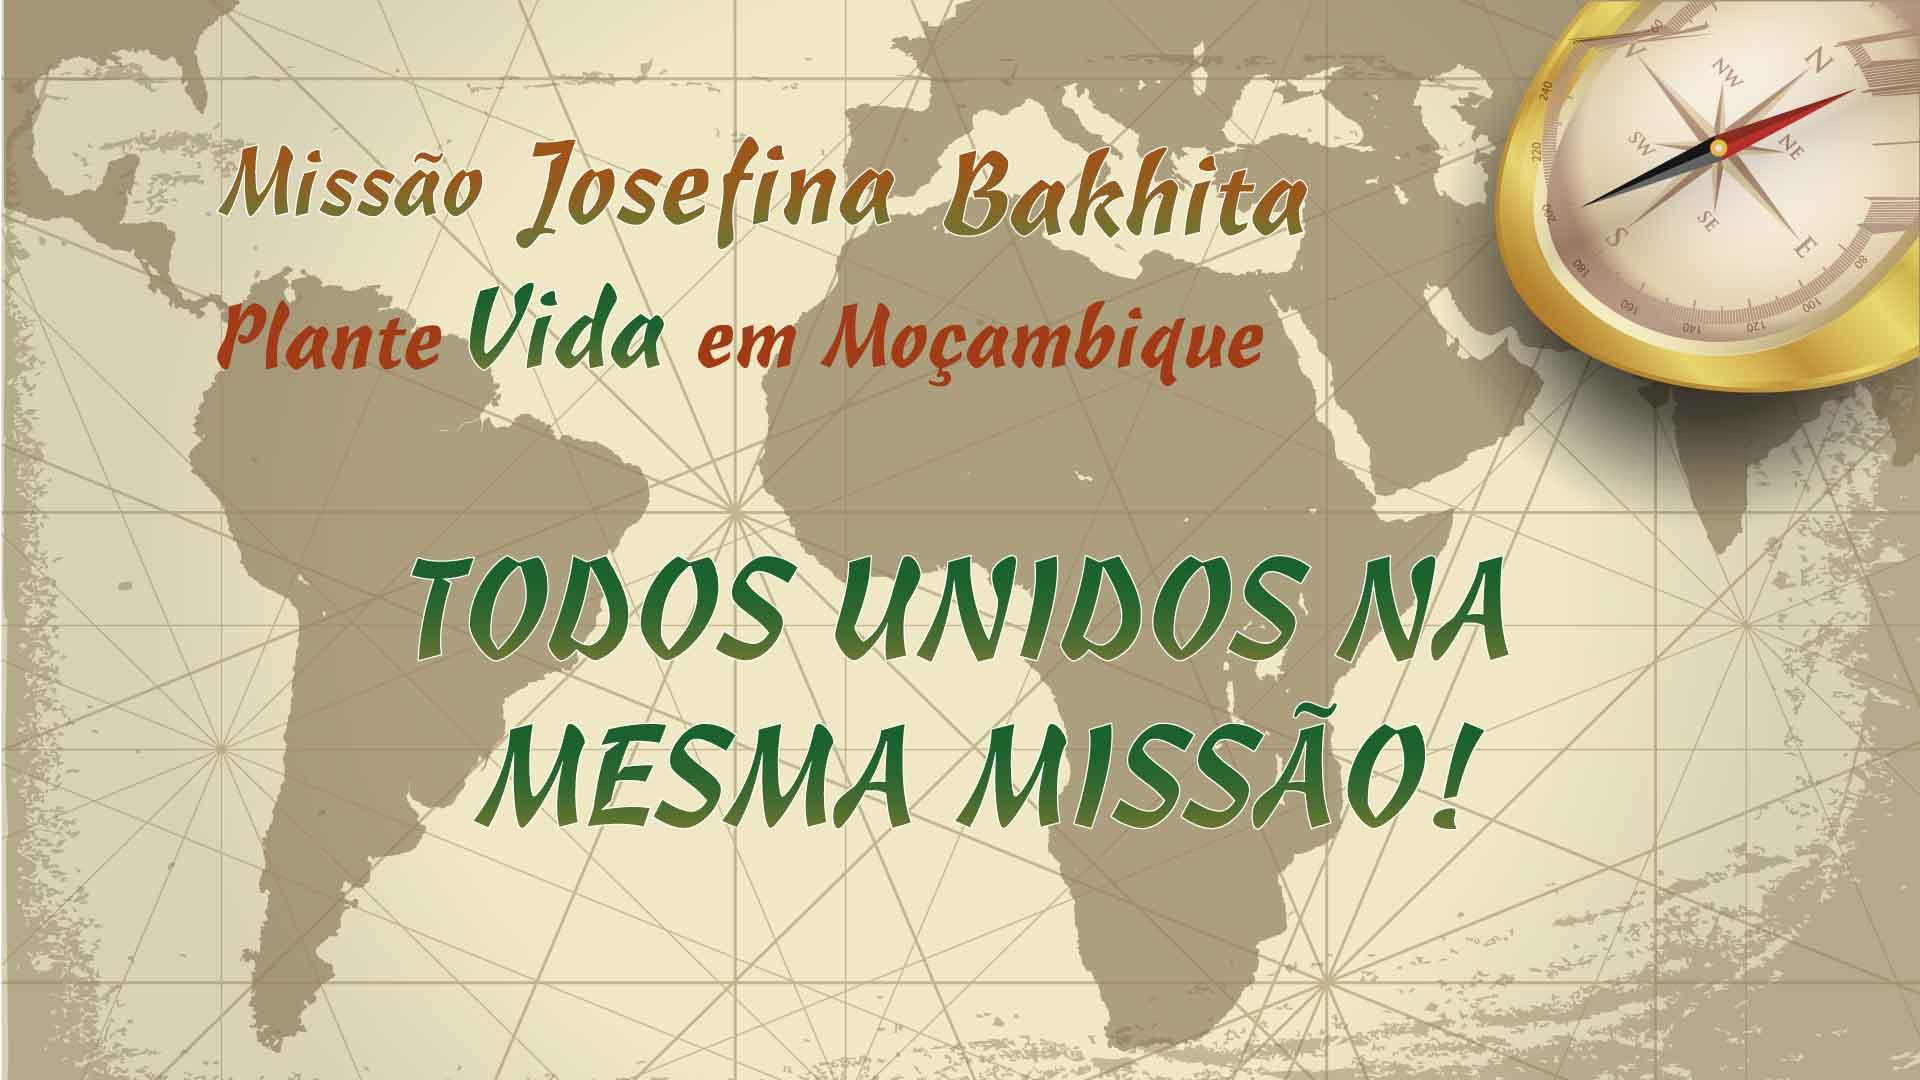 TODOS UNIDOS NA MESMA MISSÃO